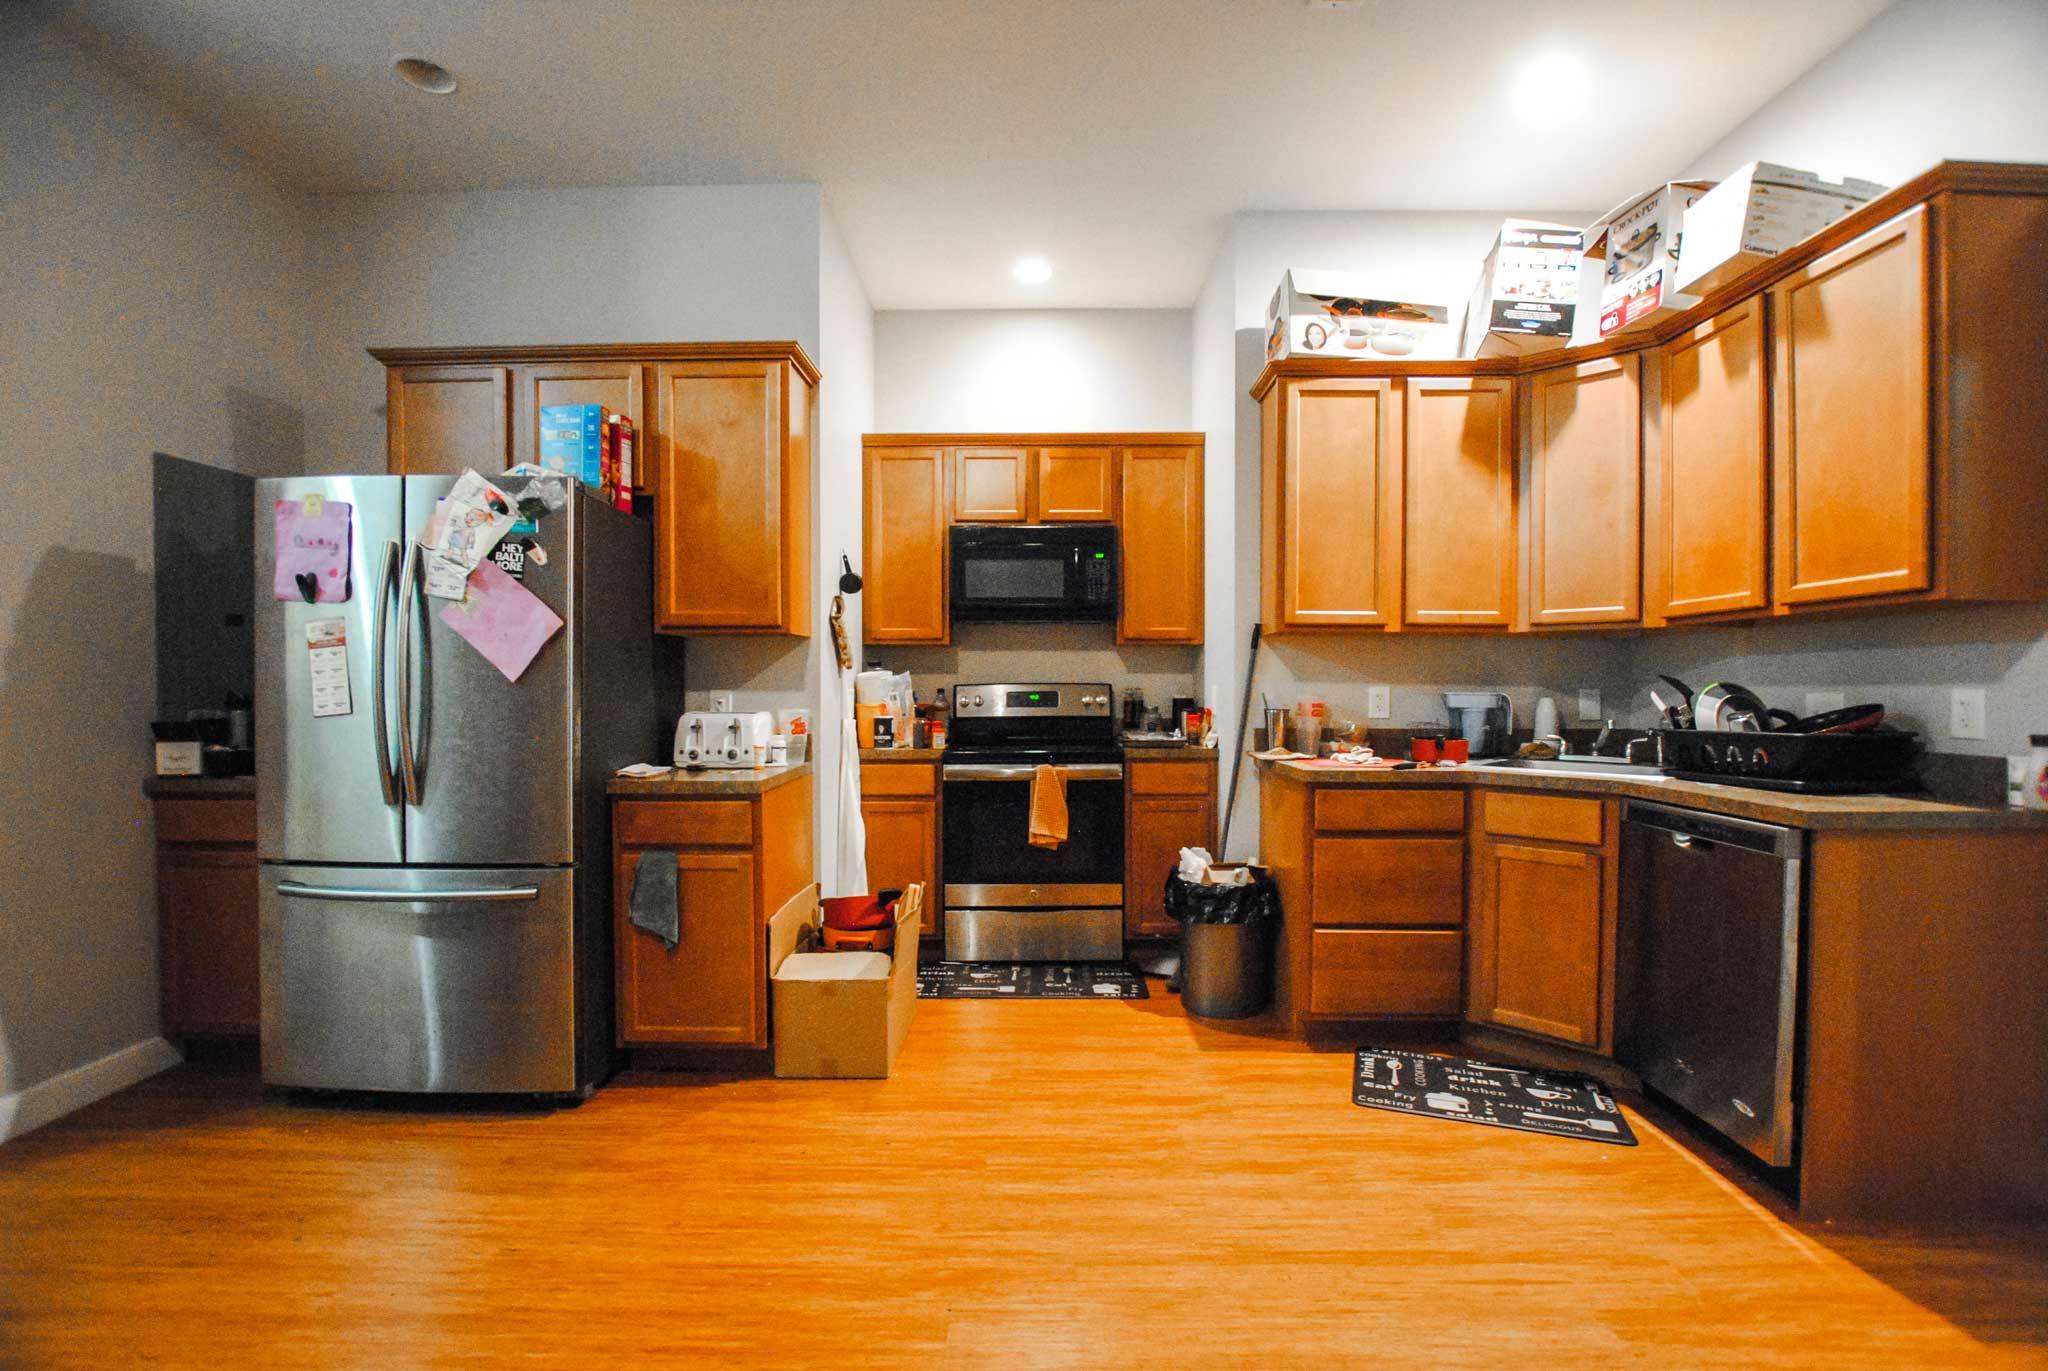 61 Kitchen